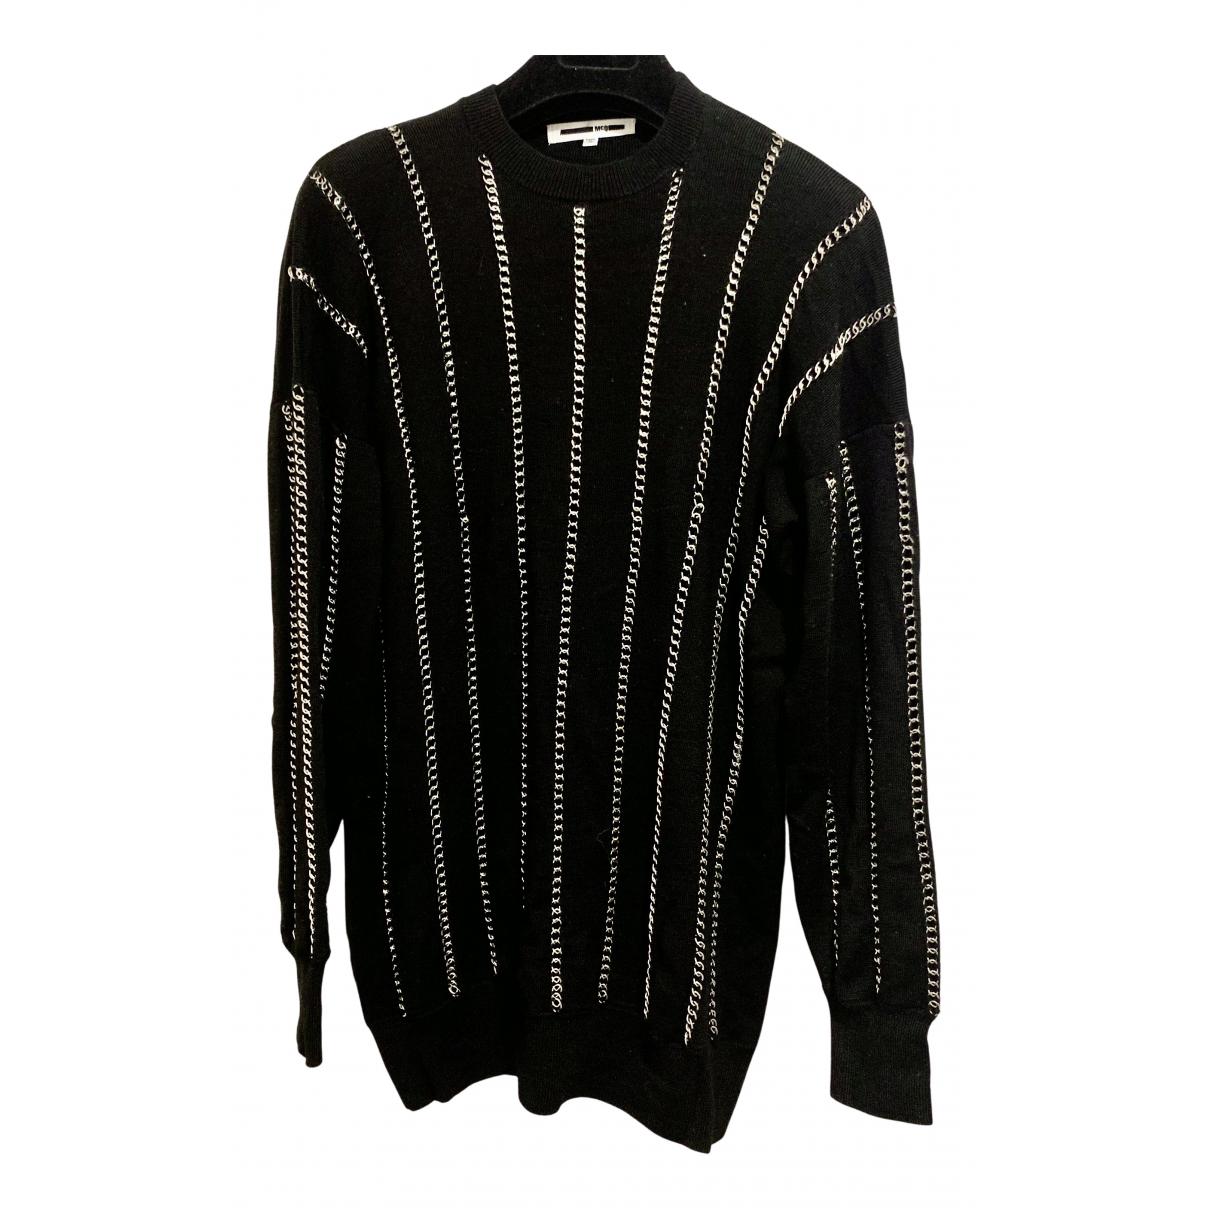 Mcq N Black Wool Knitwear for Women 38 FR